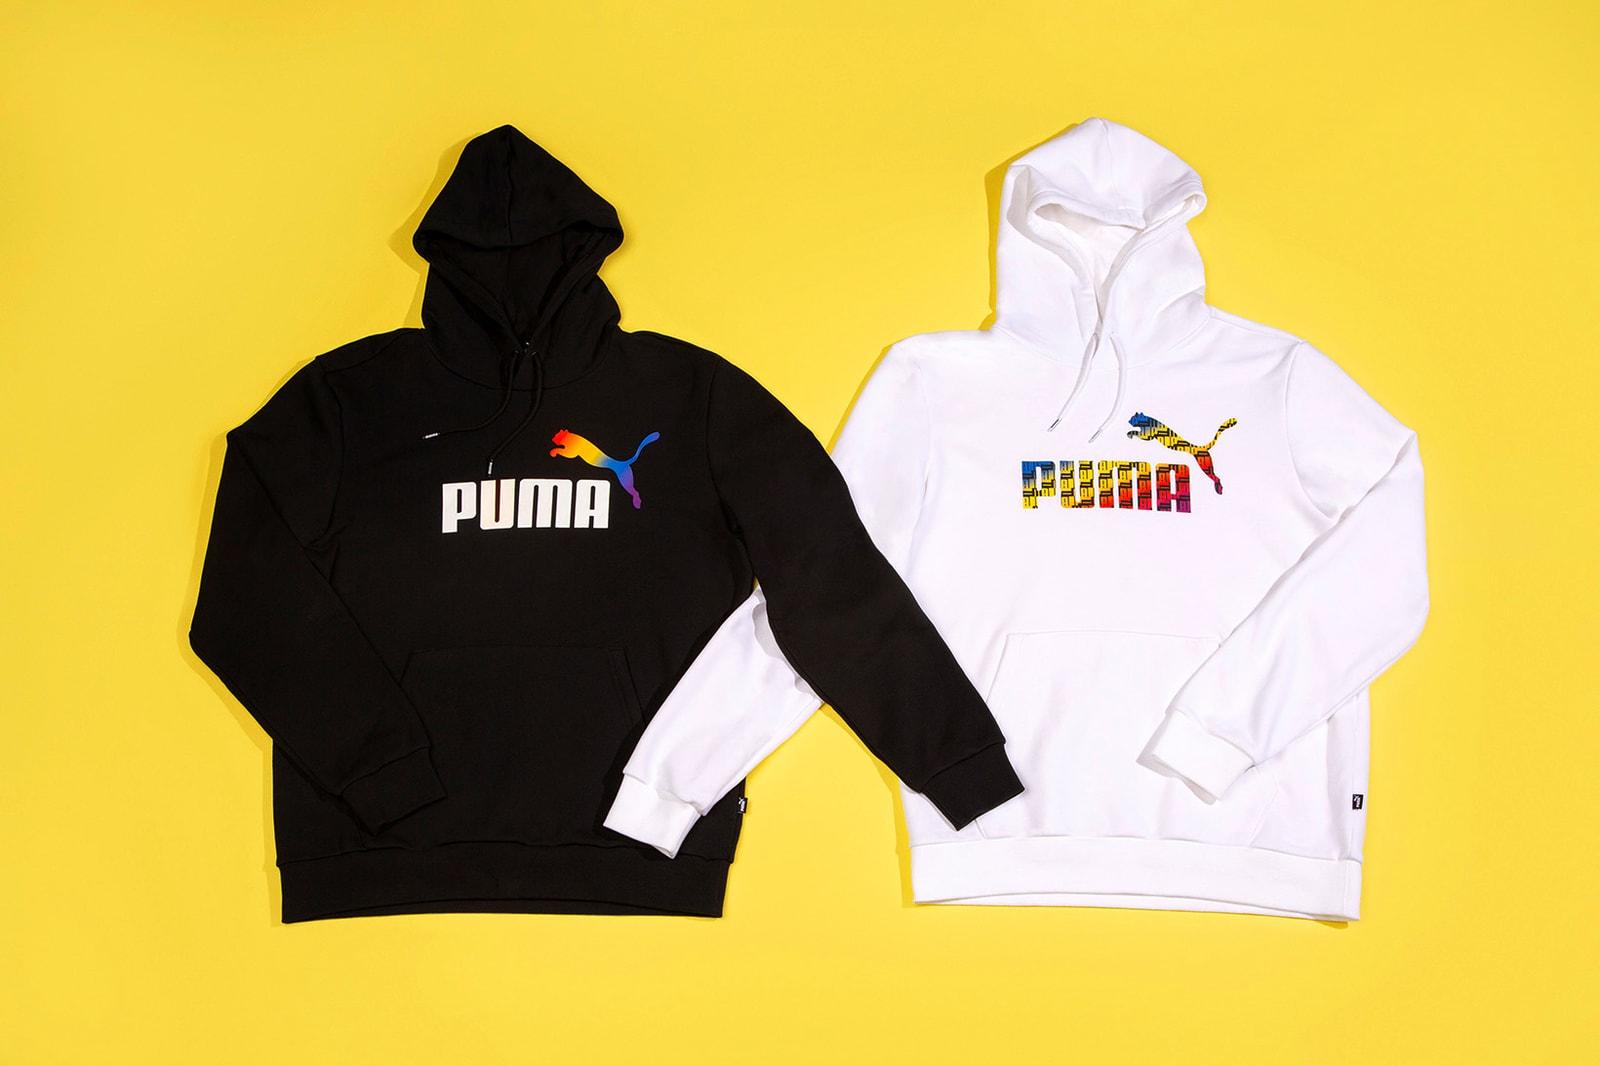 Cara Delevingne PUMA Pride Love Collection Campaign Month